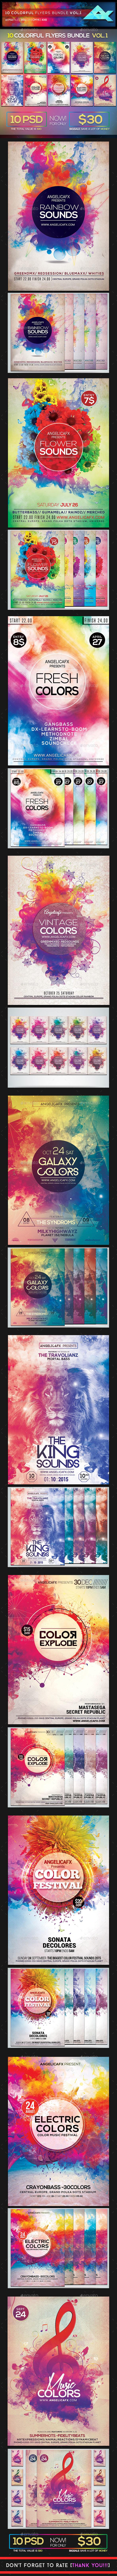 10 Colorful Flyers Bundle Vol. 1 - Flyers Print Templates